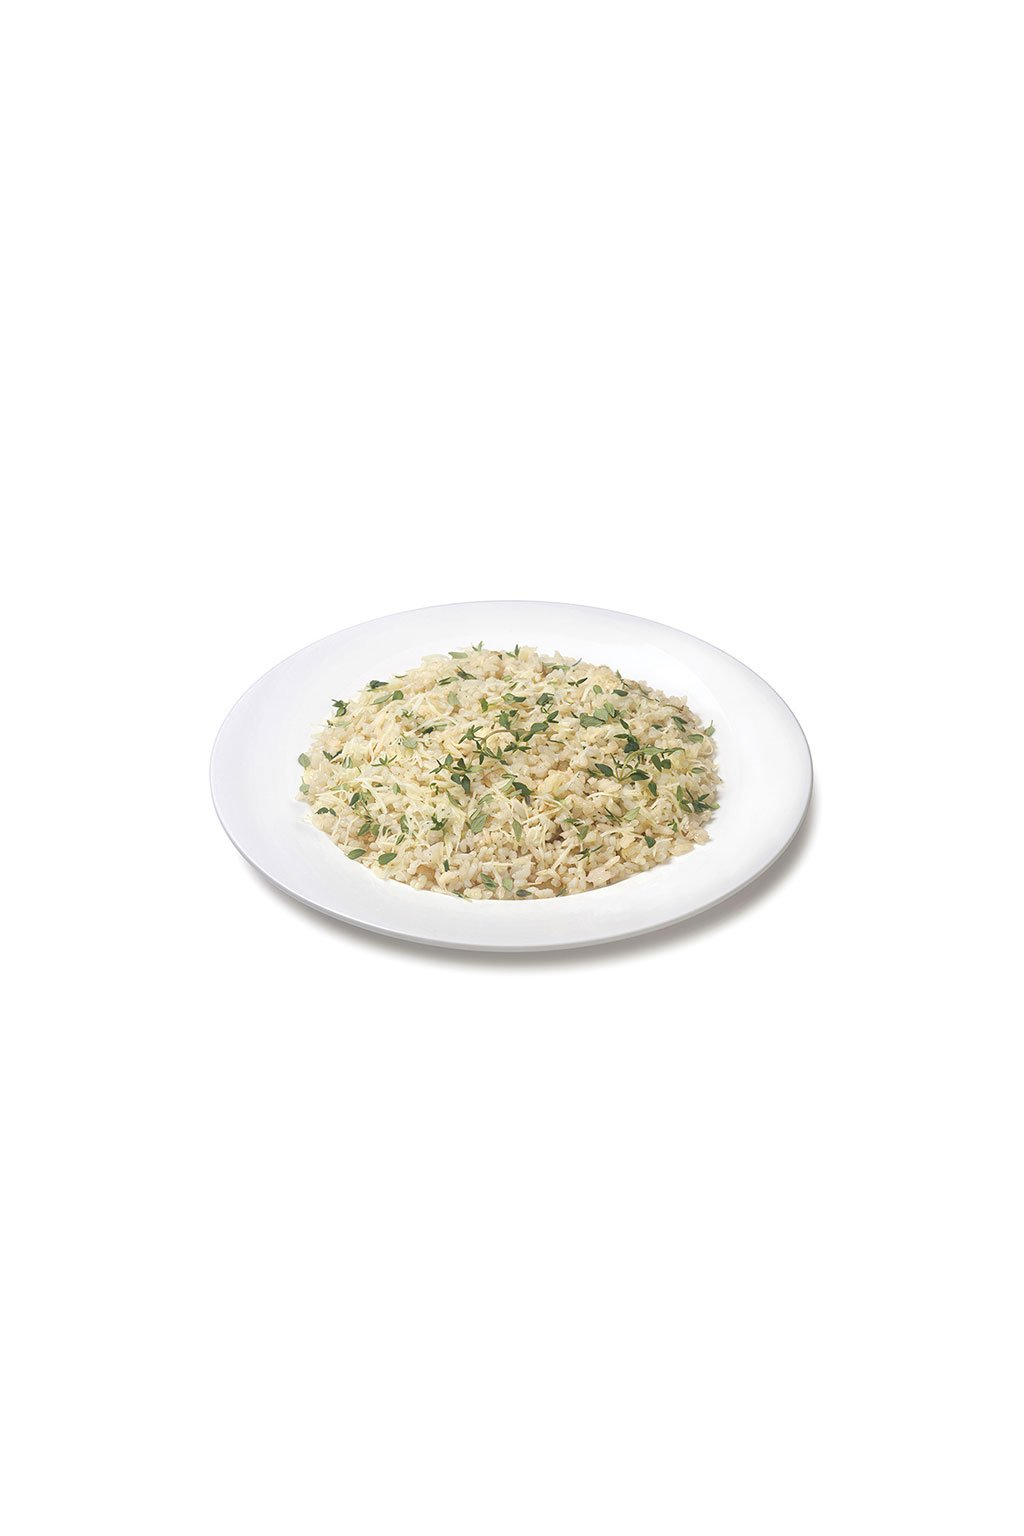 Proteínové zeleninové rizoto, 55g (1porcia)